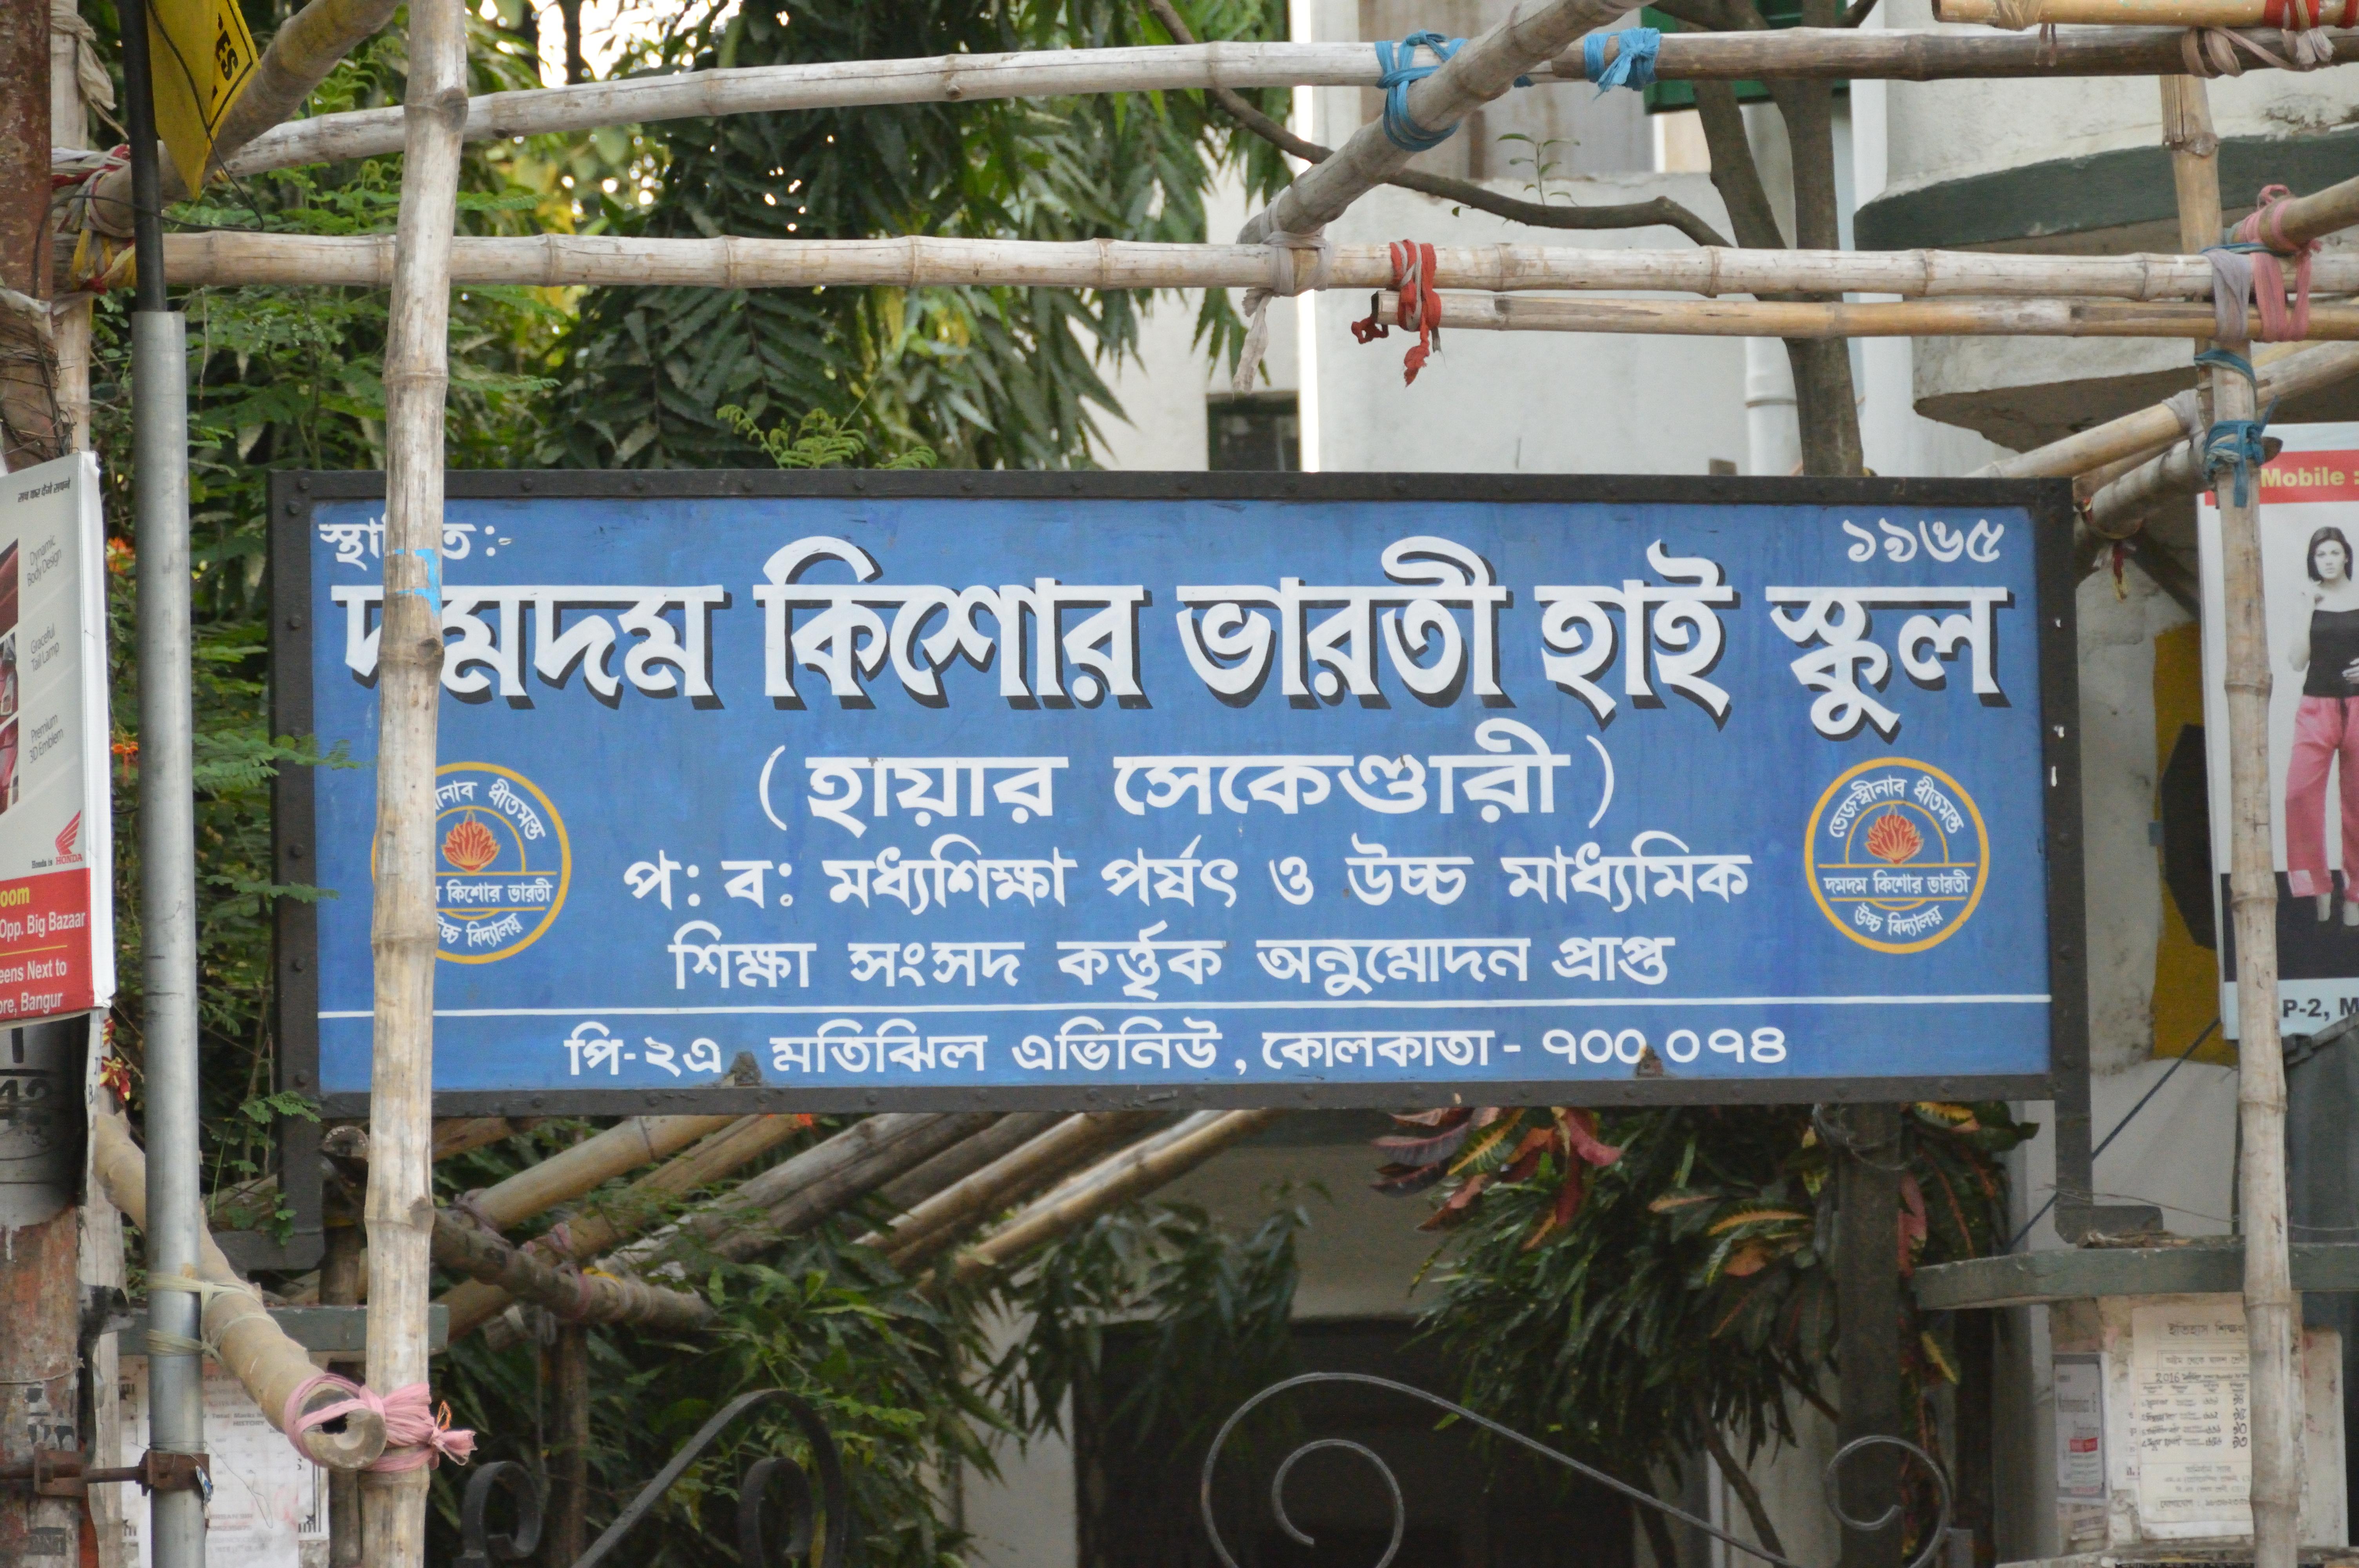 Dum Dum Kishore Bharati High School - Wikipedia